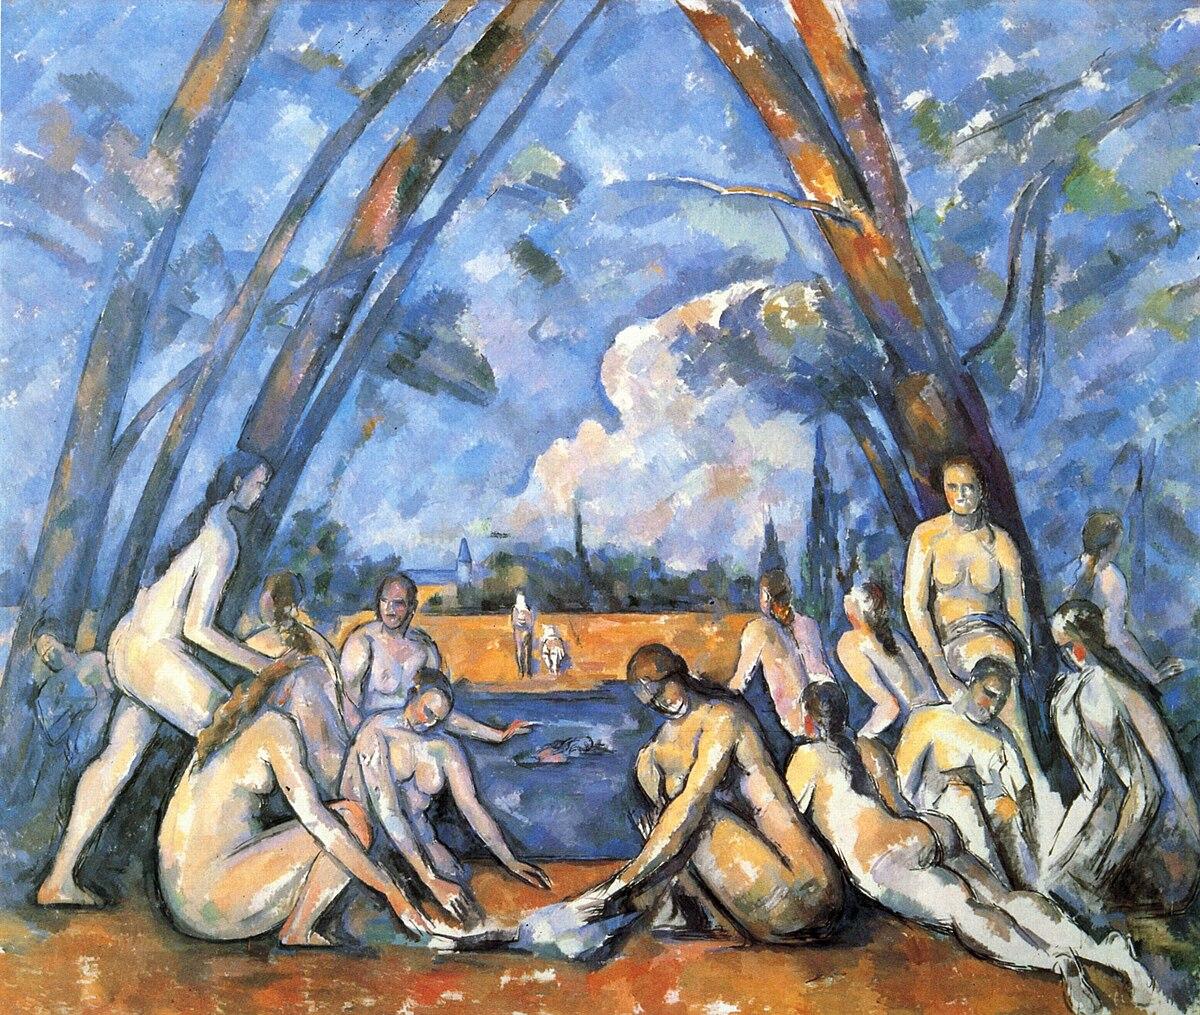 Les Grandes Baigneuses, par Paul Cezanne, Yorck.jpg